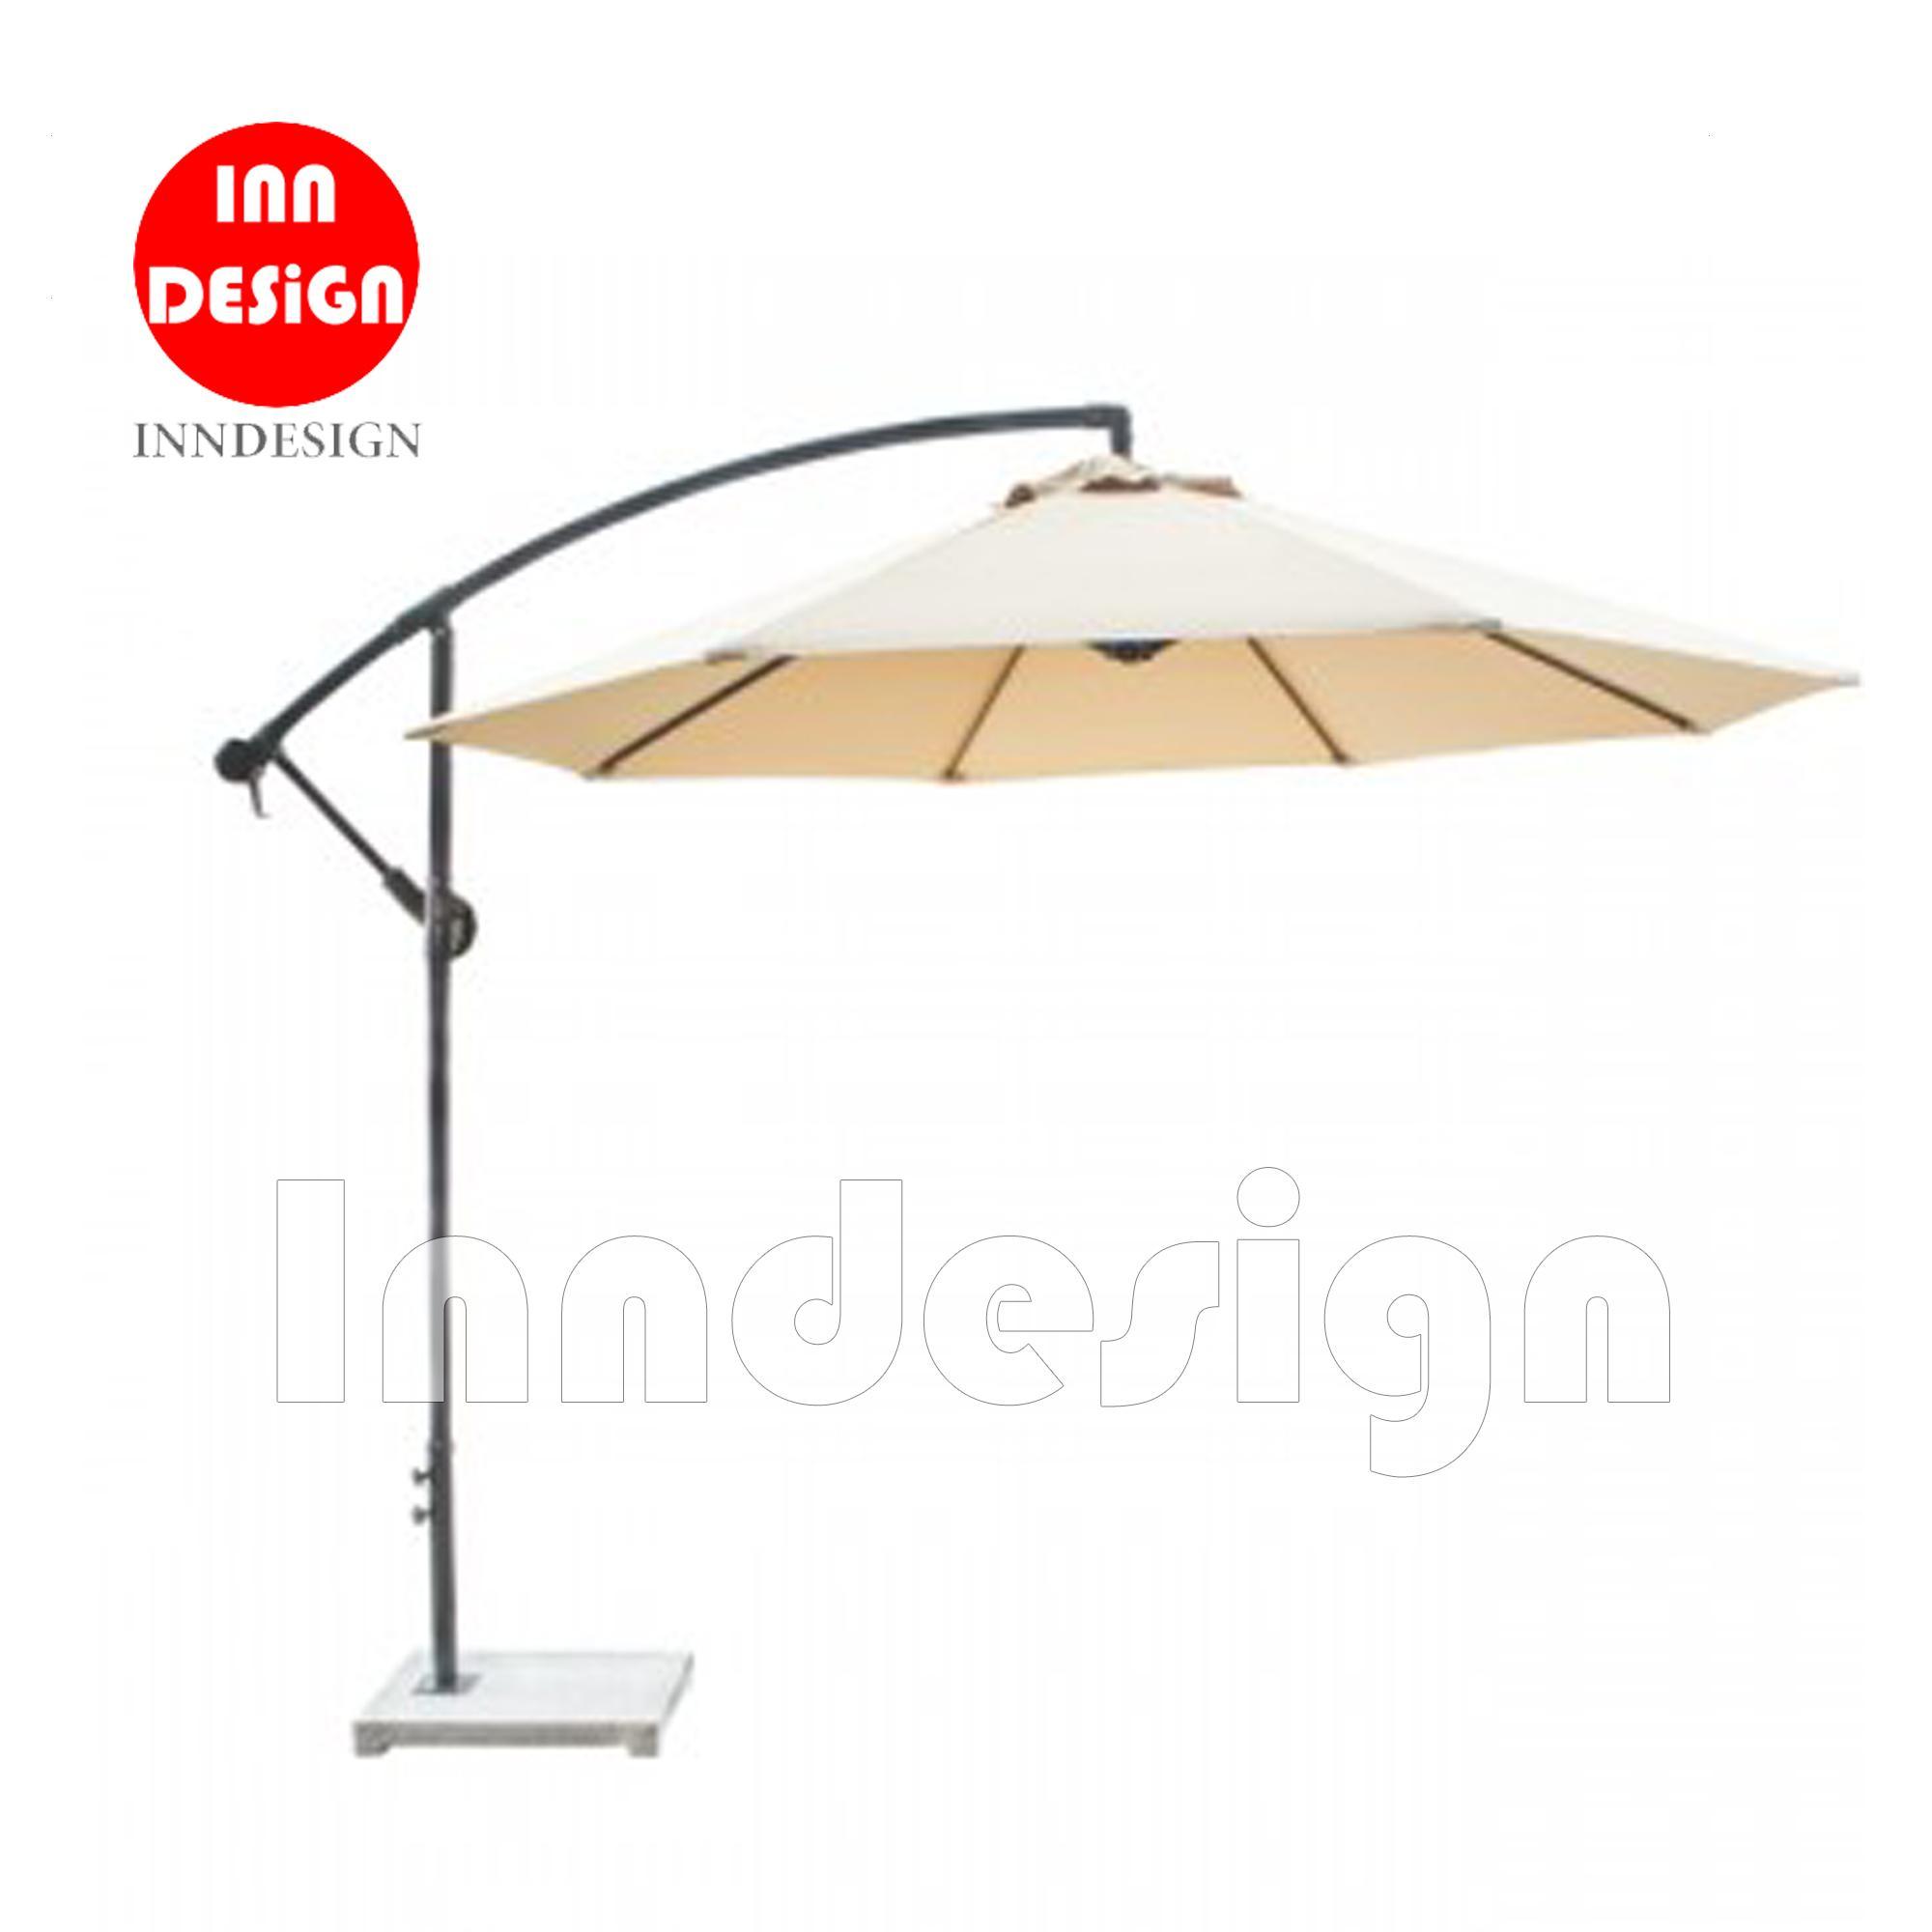 Outdoor Umbrella  / Balcony Umbrella / Umbrella / Beach Umbrella / Big Umbrella/ Sun Shade Umbrella